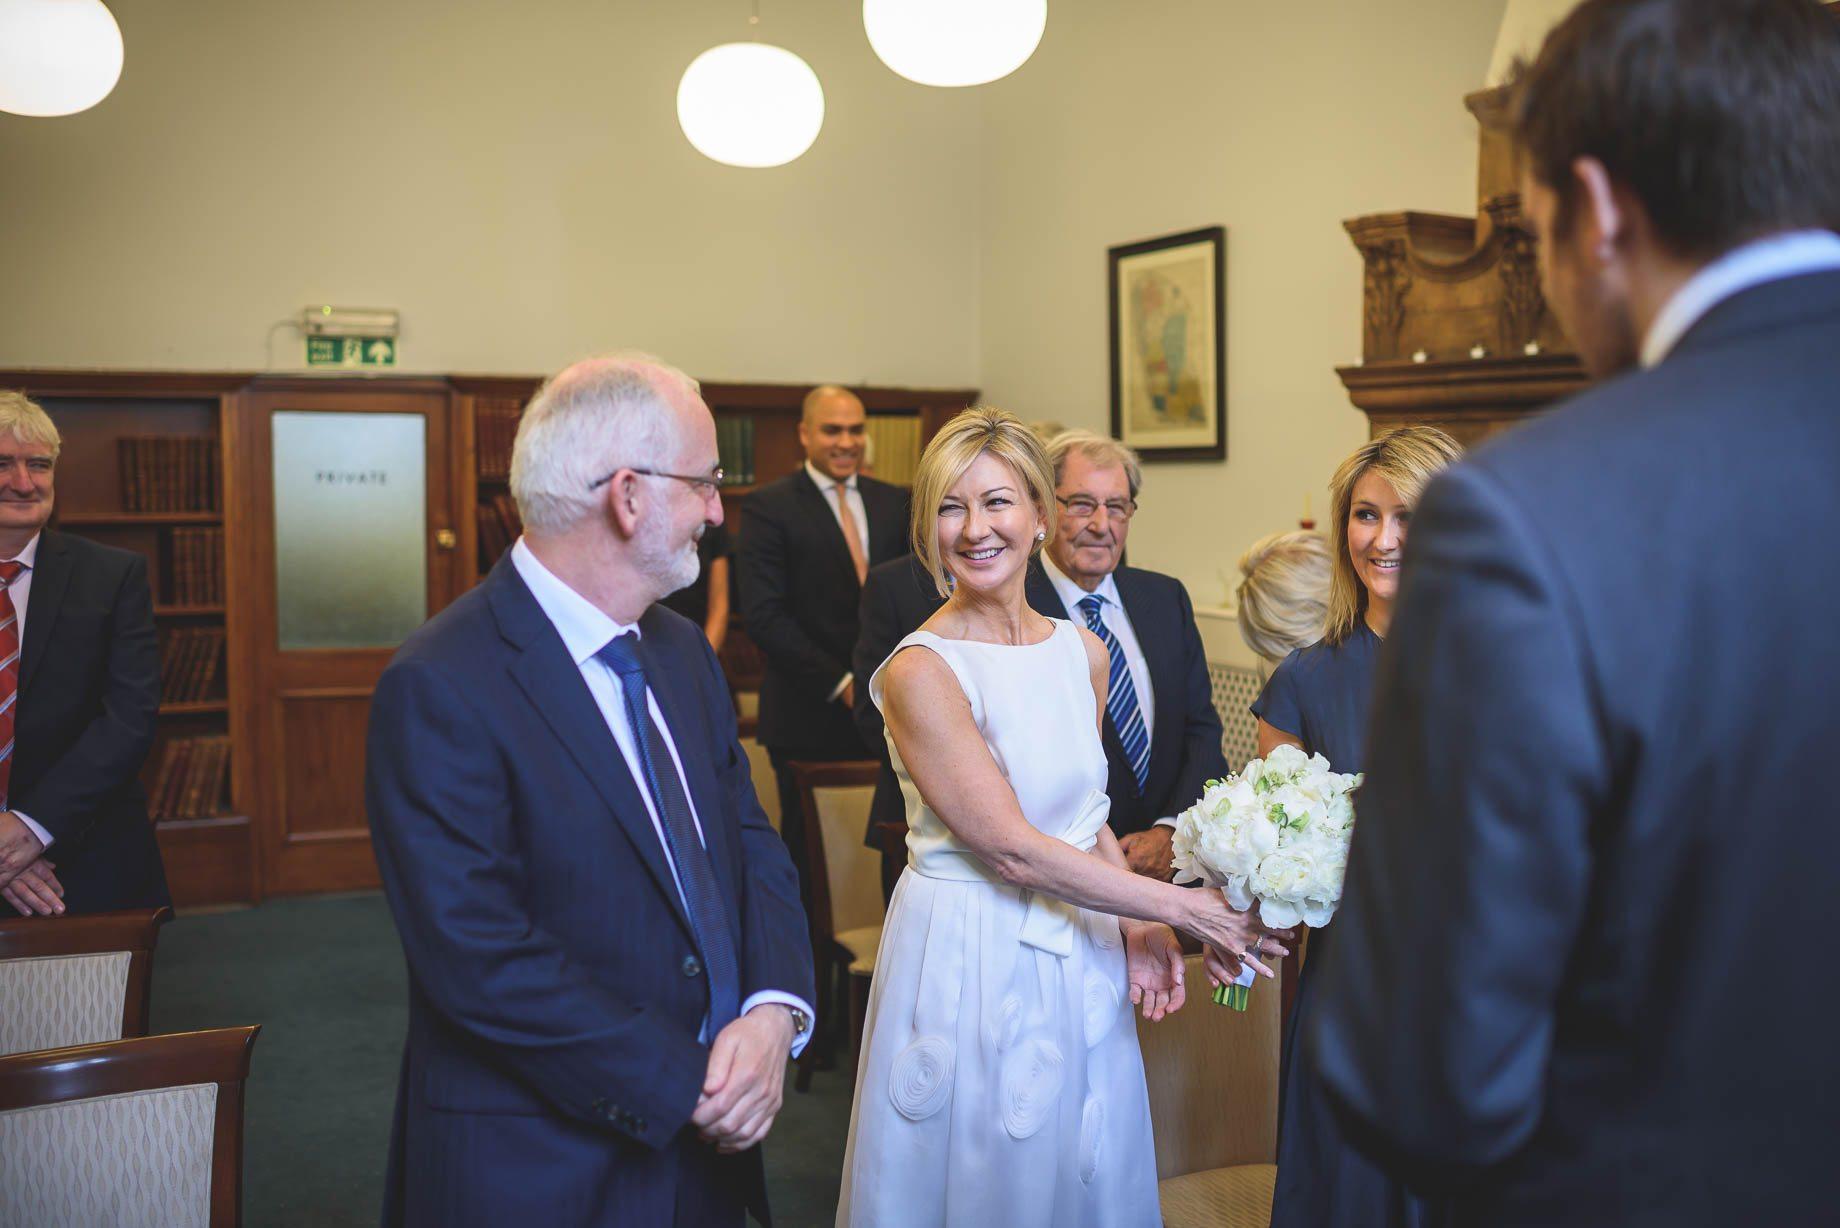 Mayfair wedding photography - Allison and Eugene (36 of 94)